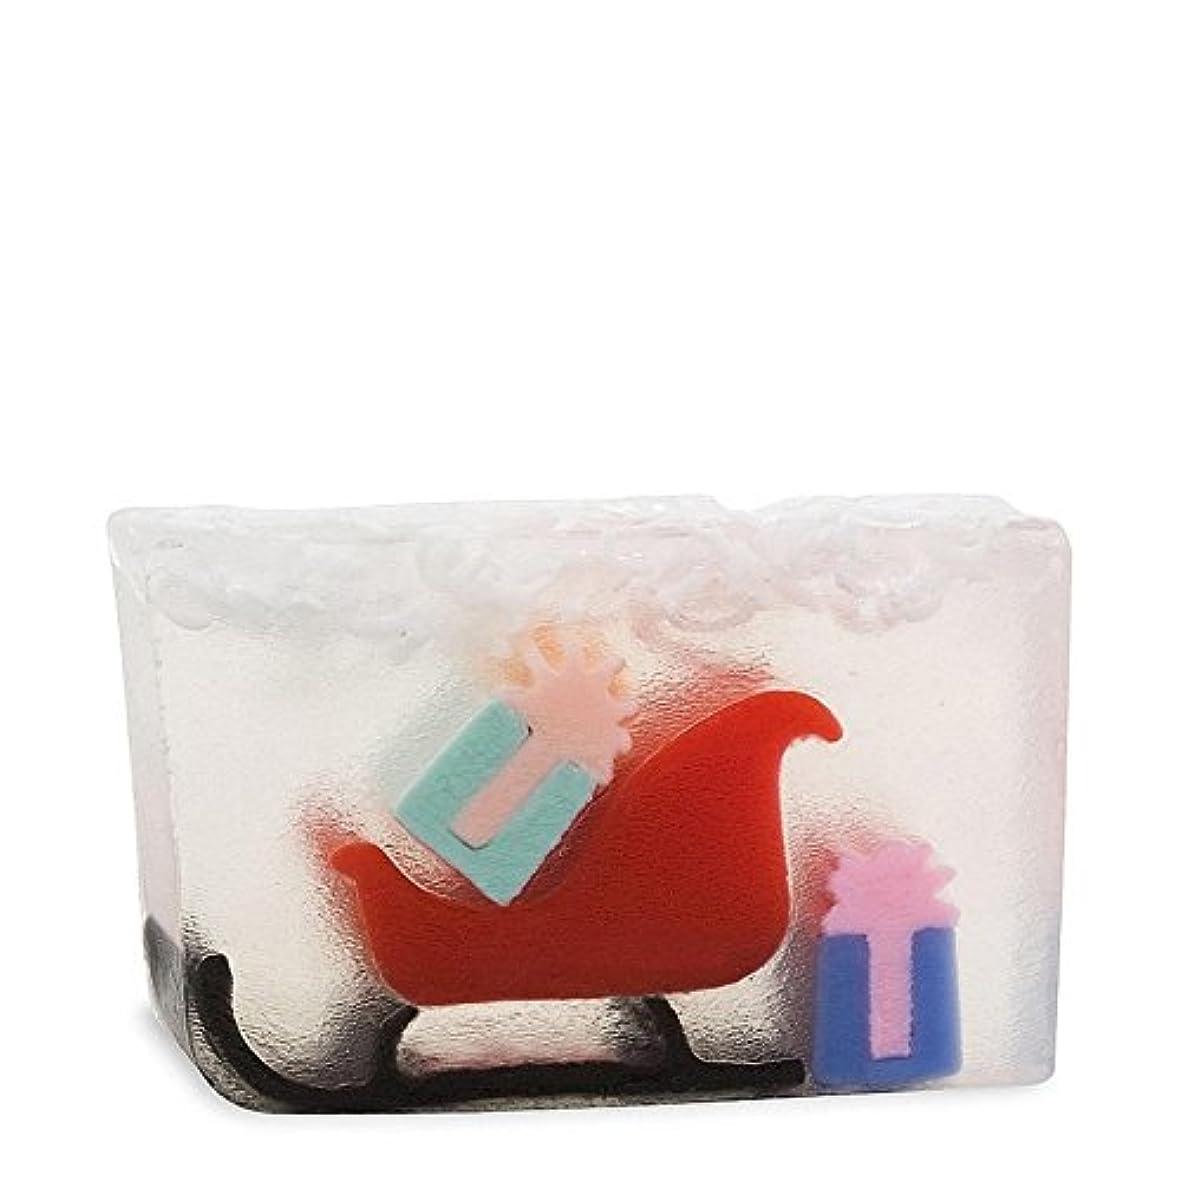 技術的な持ってるスカウトPrimal Elements Santas Sleigh (Pack of 6) - 原始要素のサンタのそり x6 [並行輸入品]